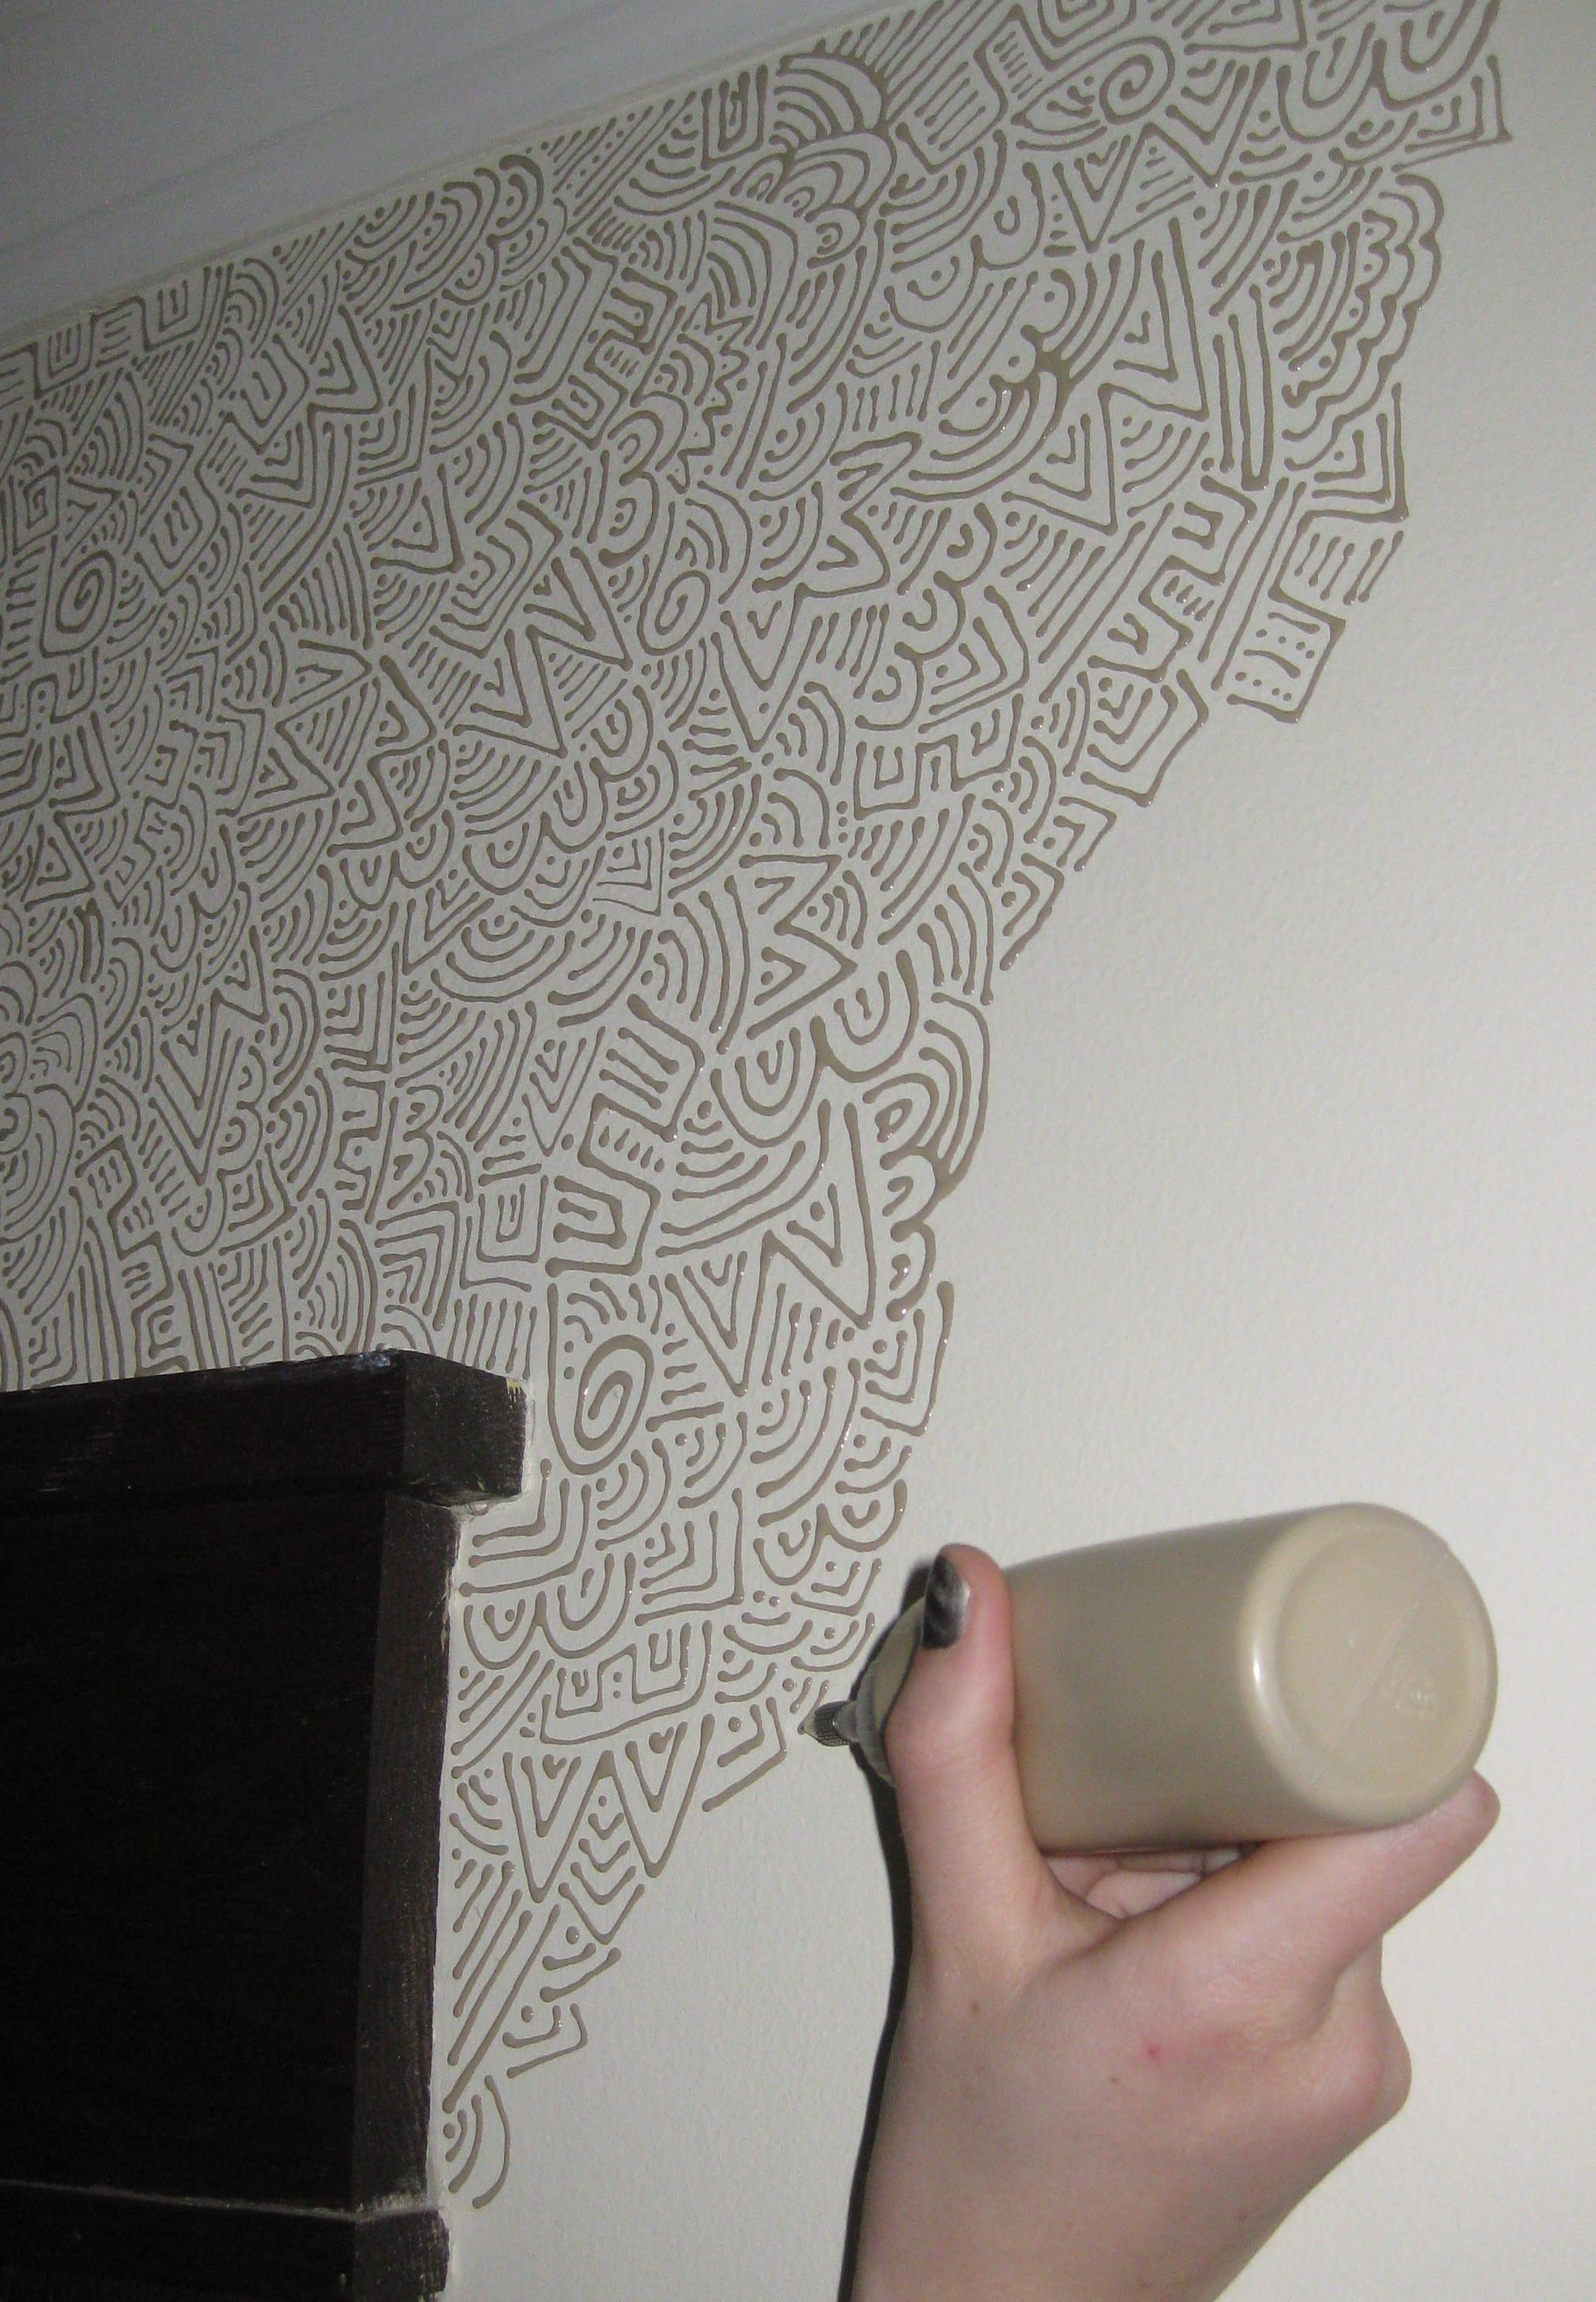 kreative idee für moderne wandgestaltung mit farbe